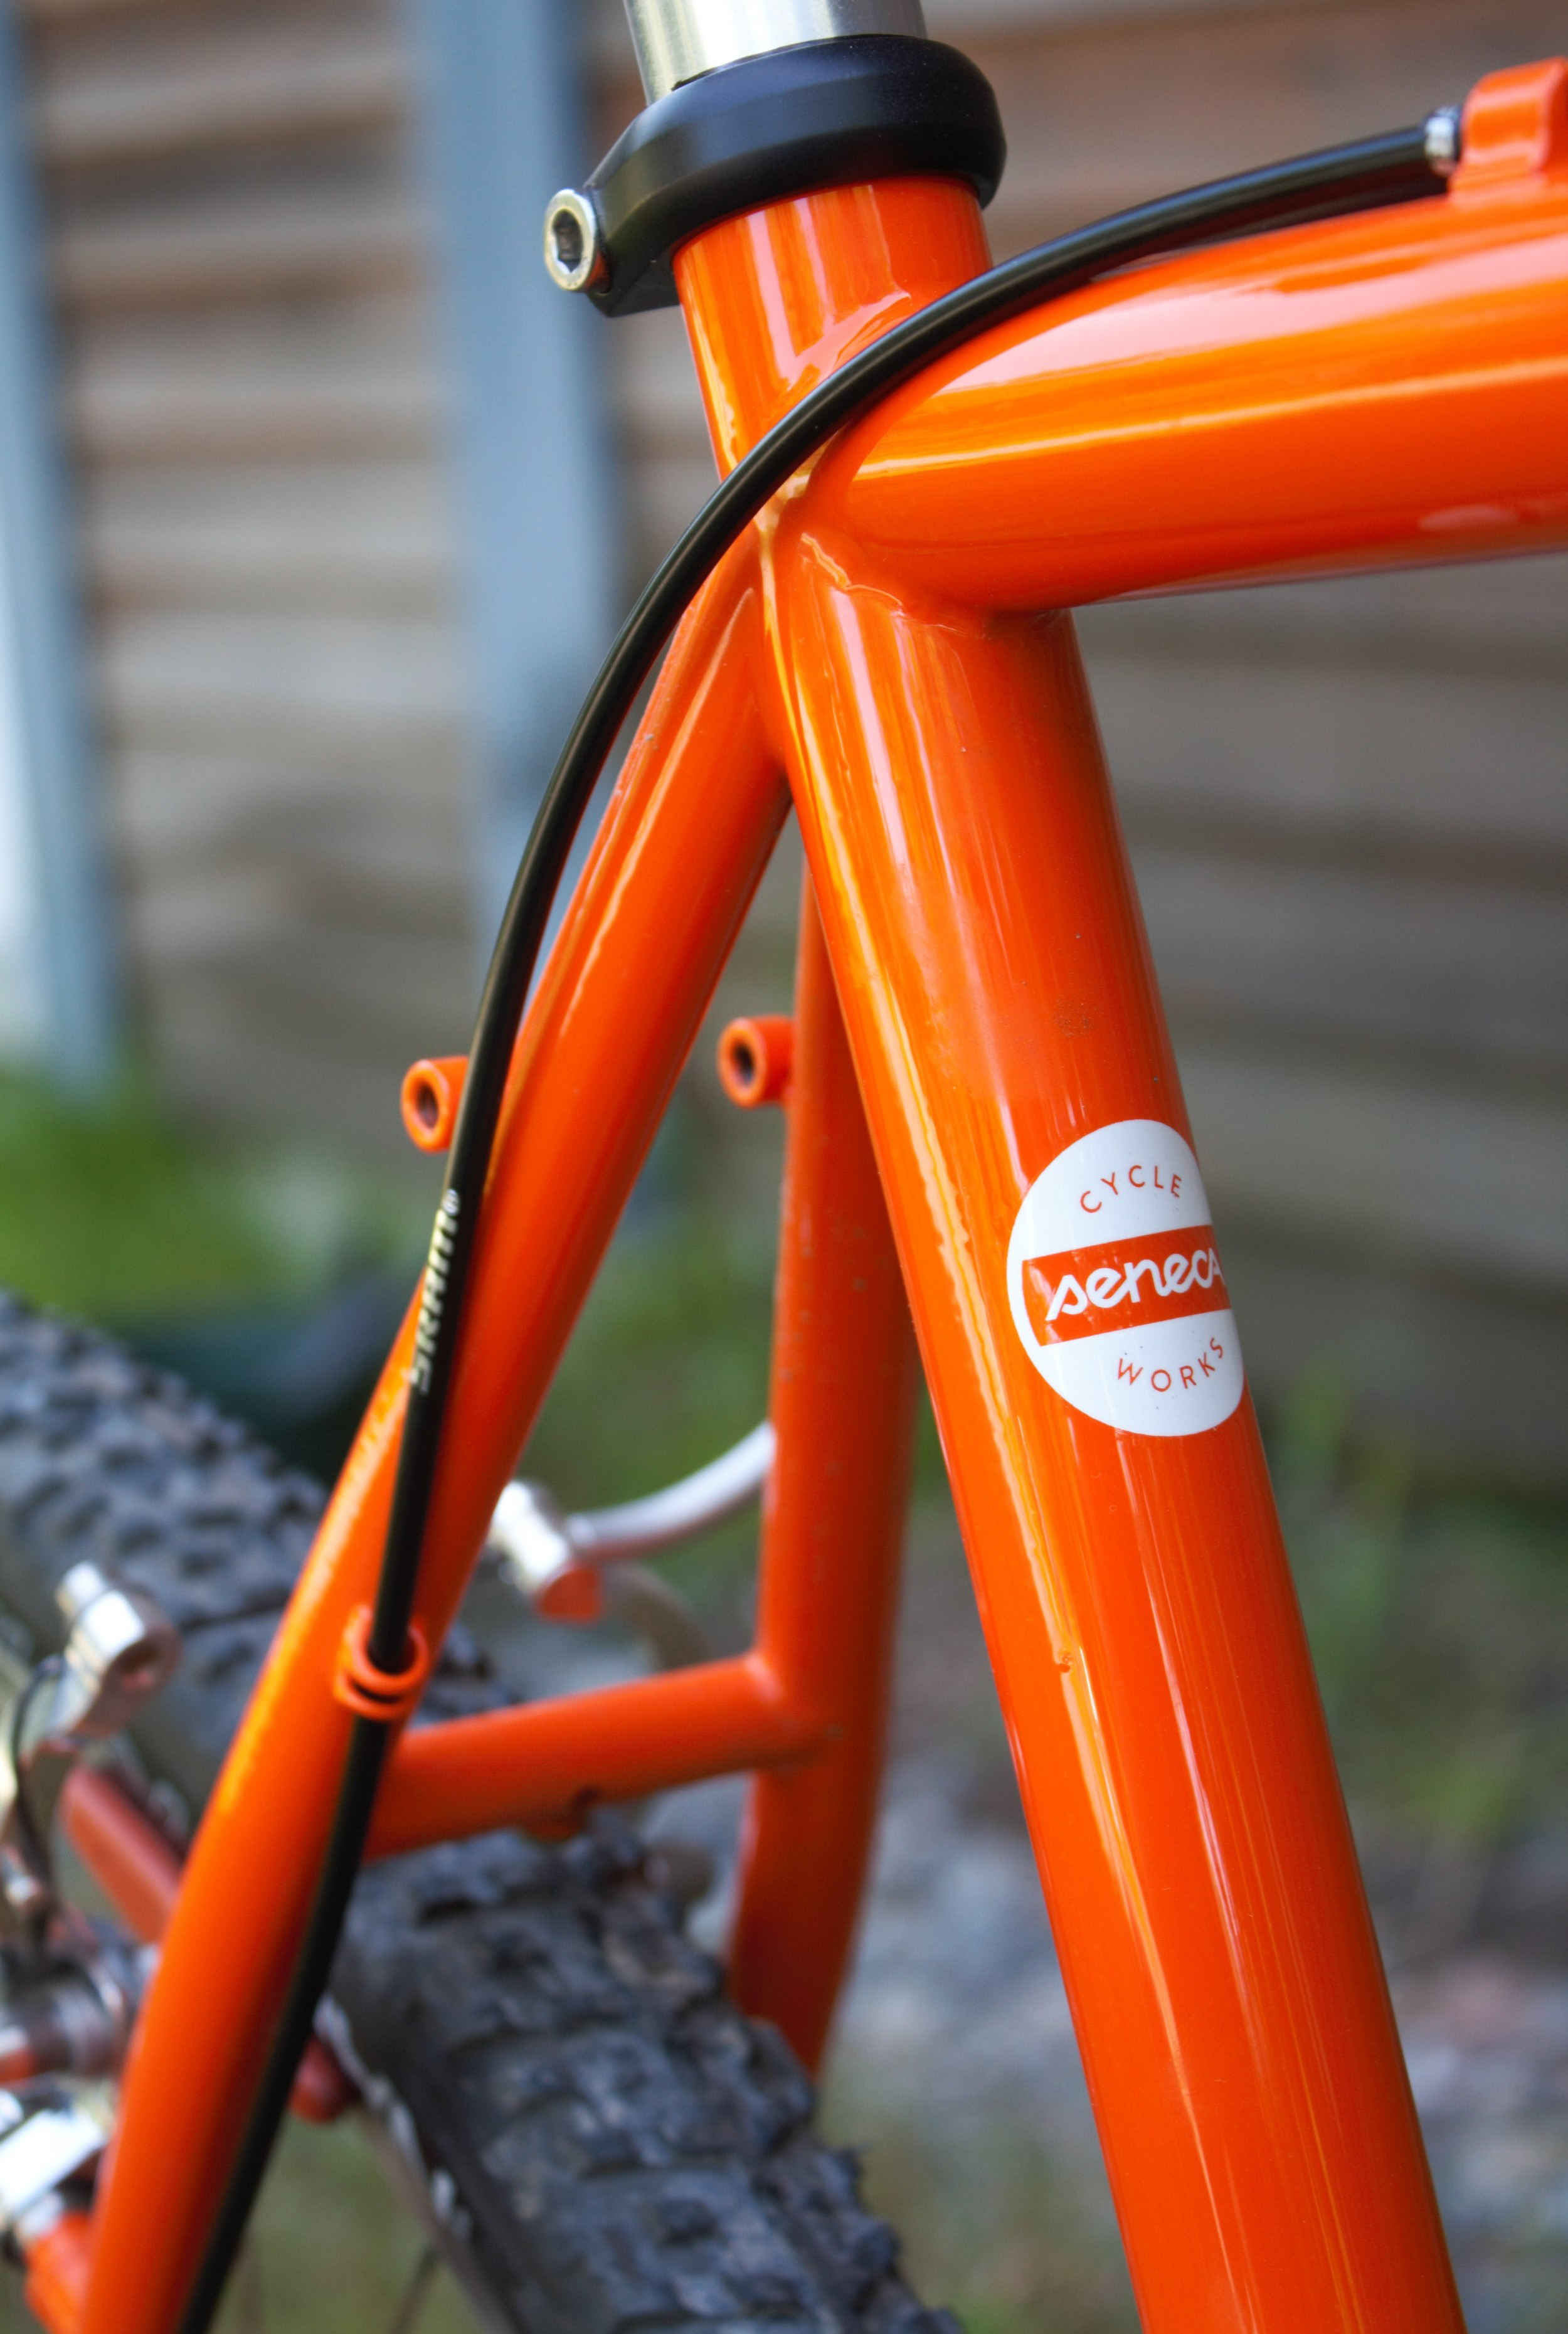 Seat tube logo, standard on all frames.